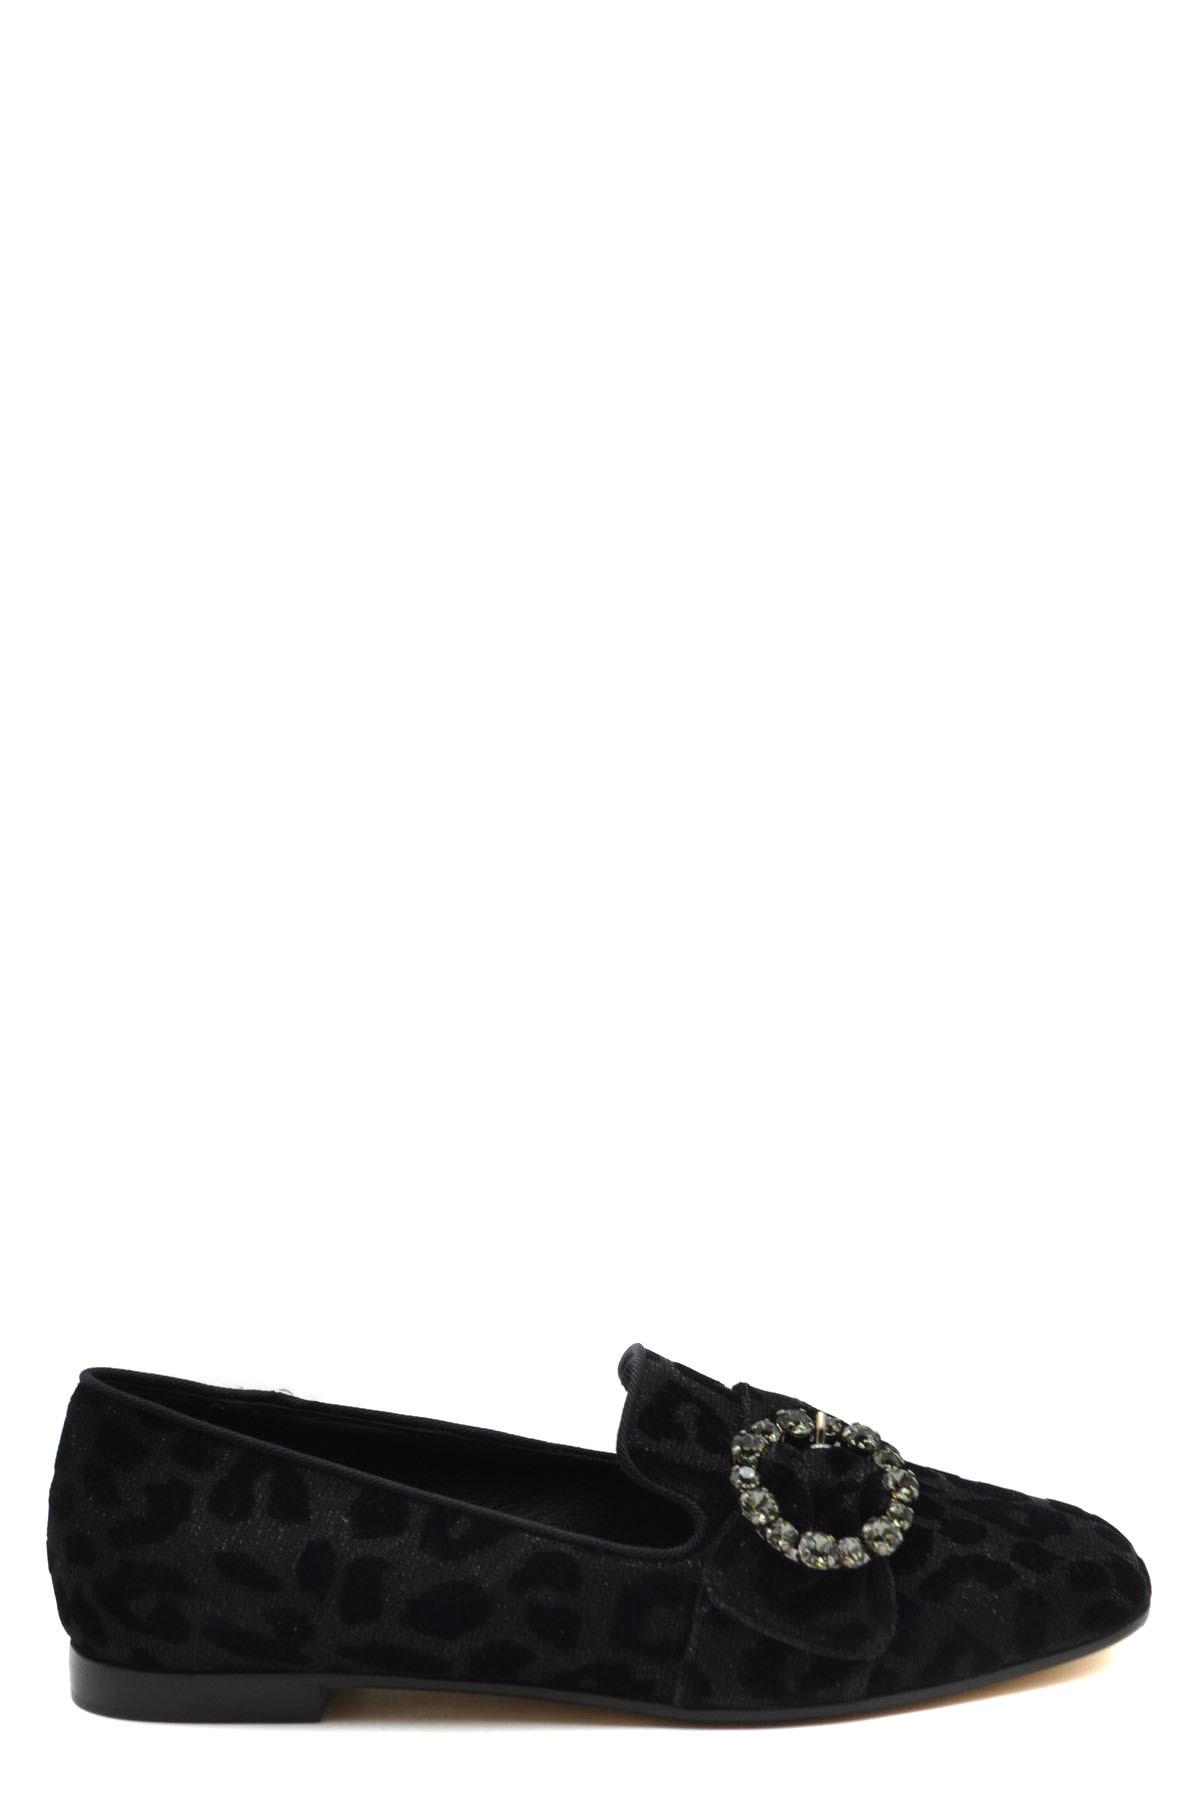 Dolce & Gabbana Scarpe Basse Ženy